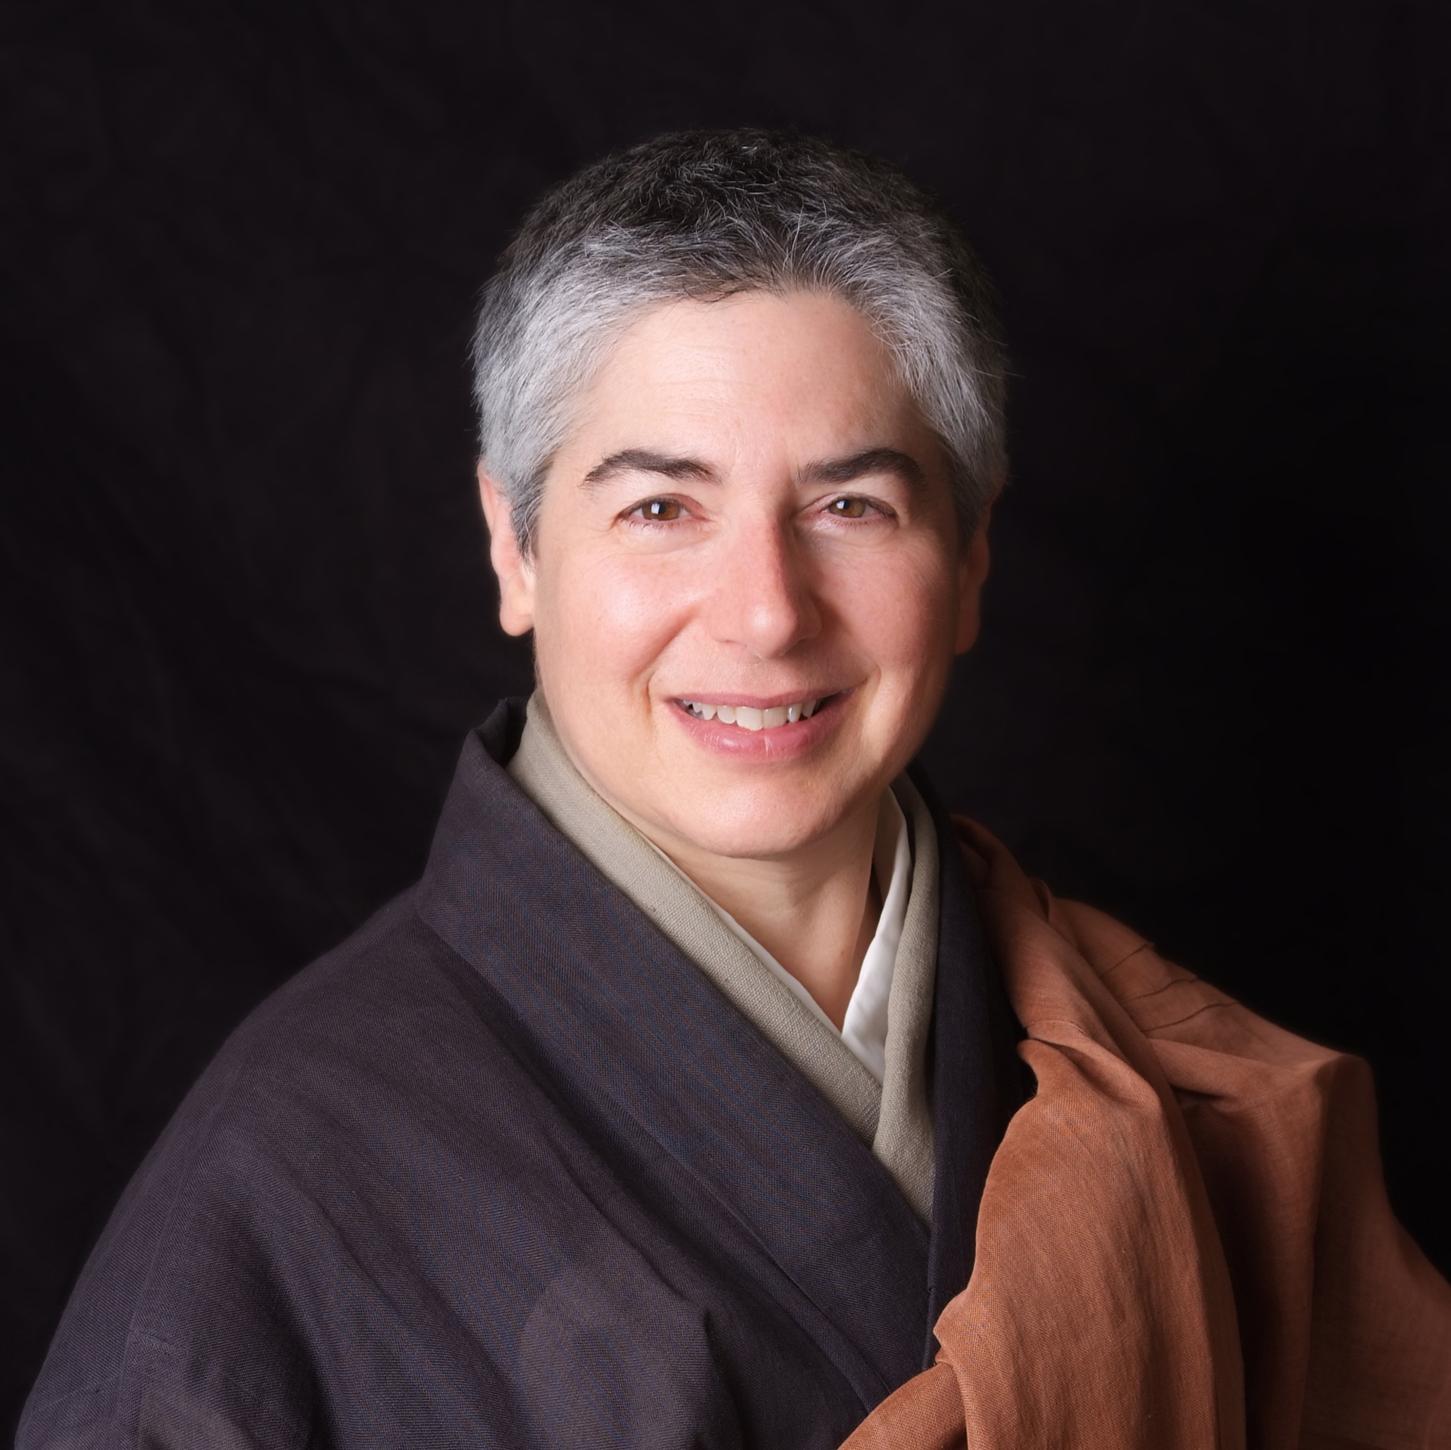 Austin viktoria johanneshof zazen zen dharma sangha